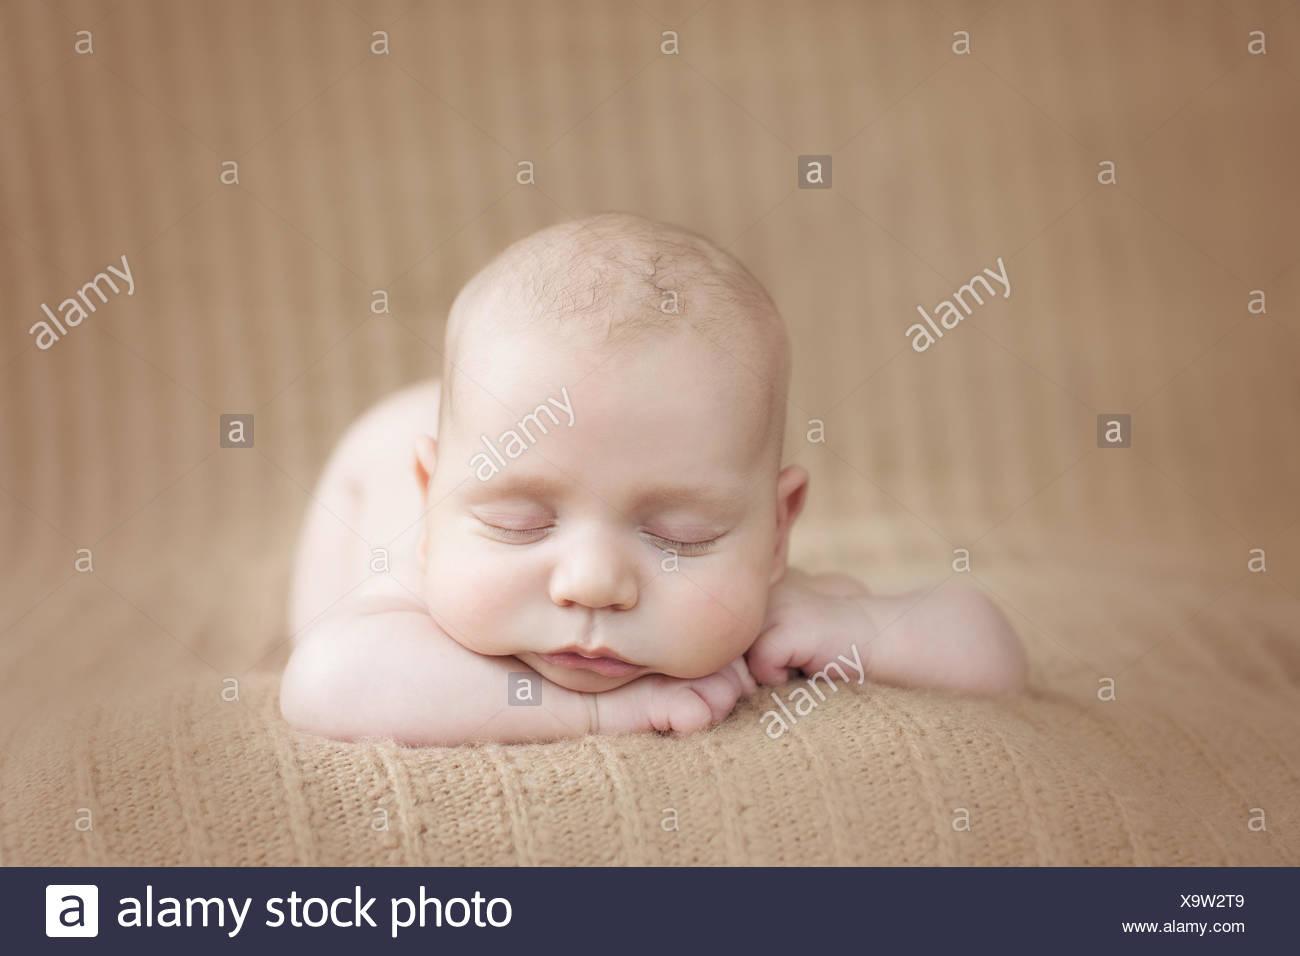 Vorderansicht eines Baby-jungen auf einer weichen Decke schlafen Stockbild